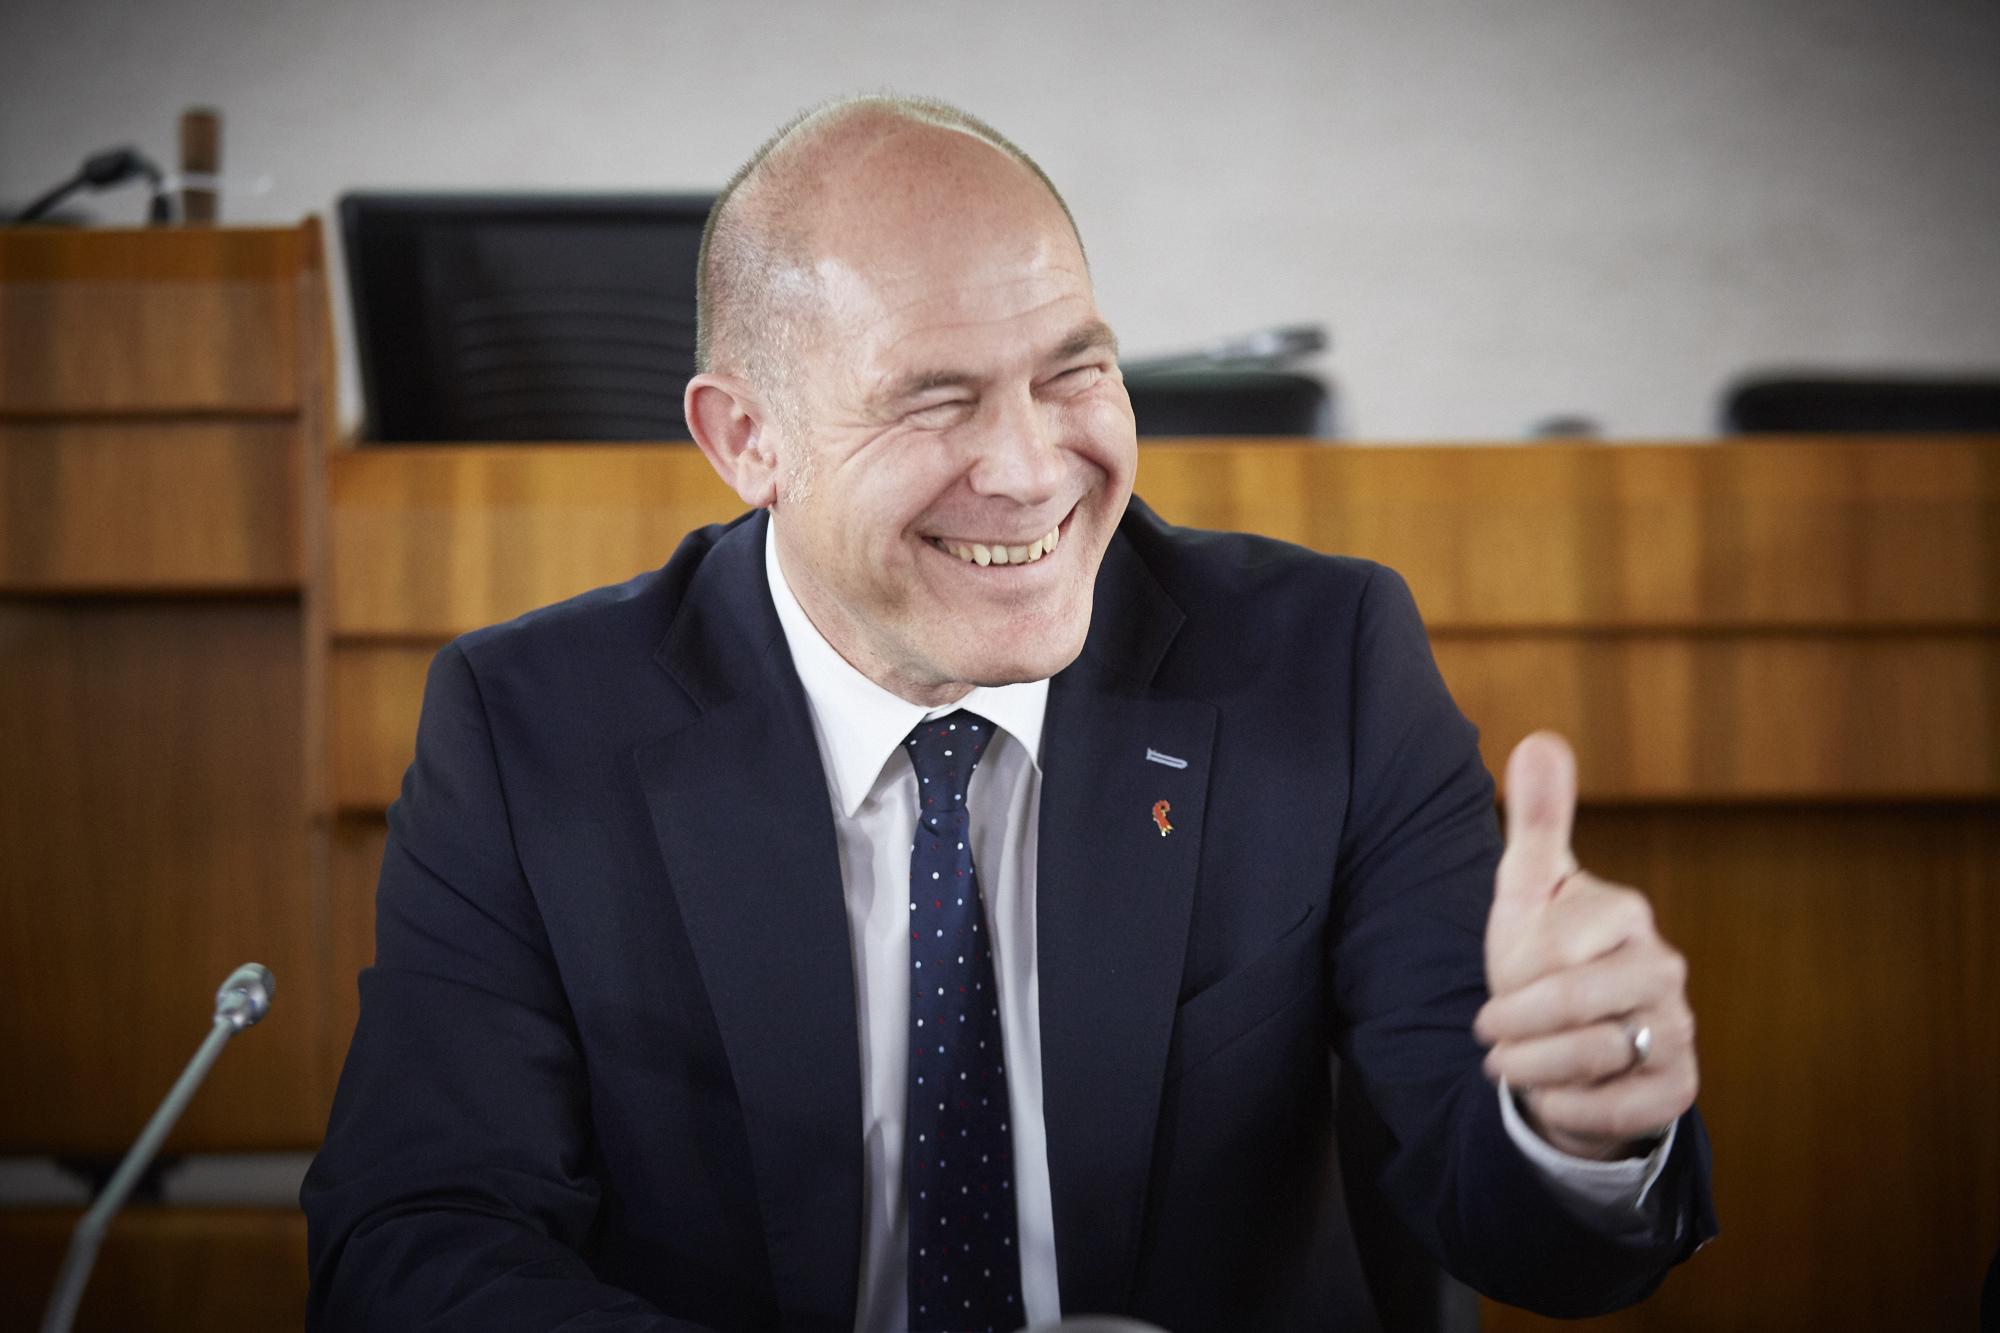 Daumen hoch: CVP-Finanzdirektor Anton Lauber, mit astronomischer Zustimmung im Amt bestätigt.